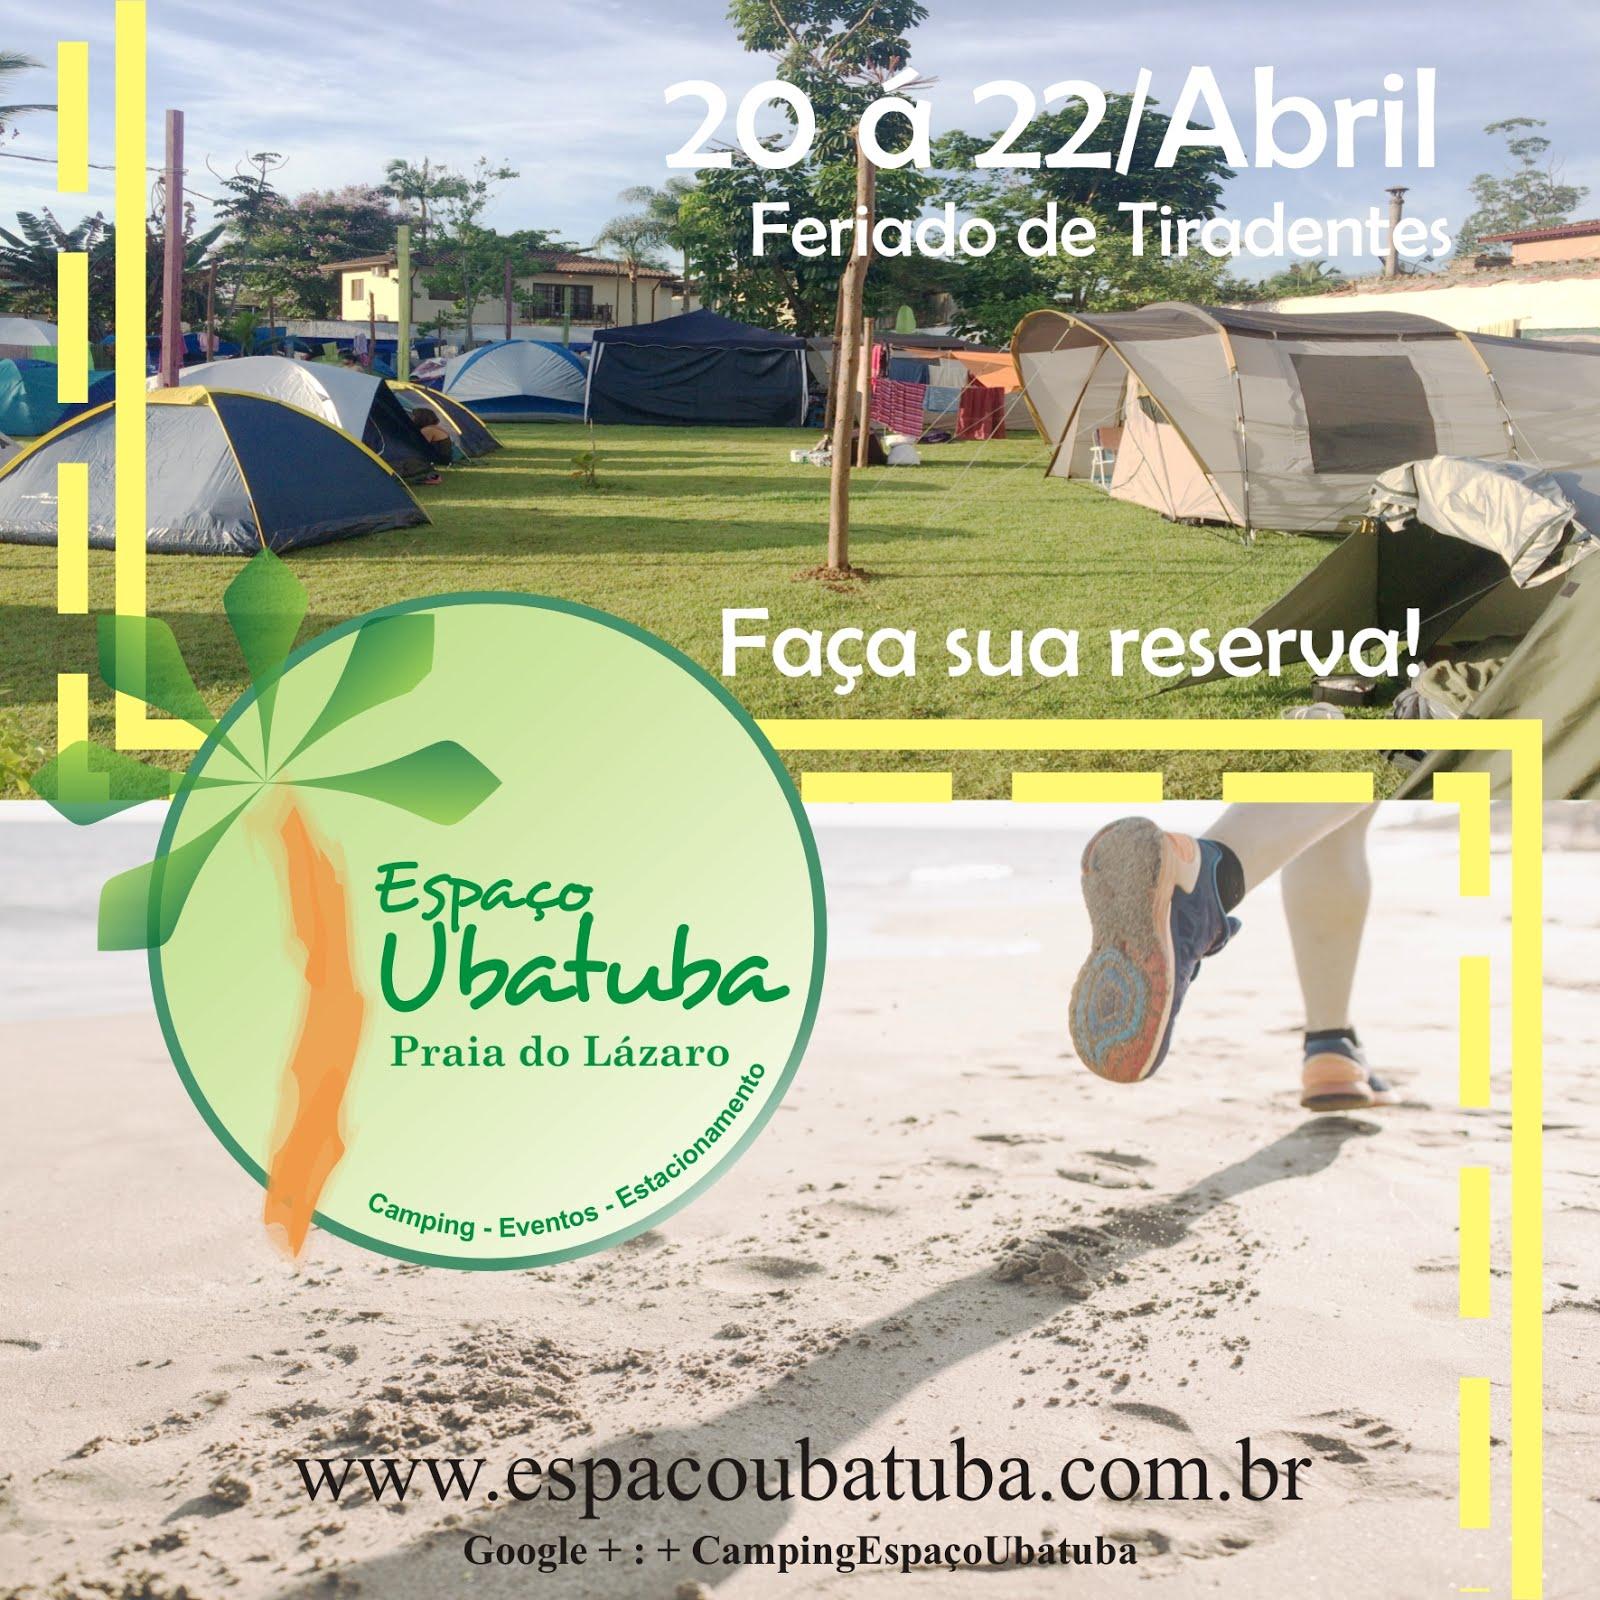 Camping Espaço Ubatuba Praia do Lázaro Feriado de Abril